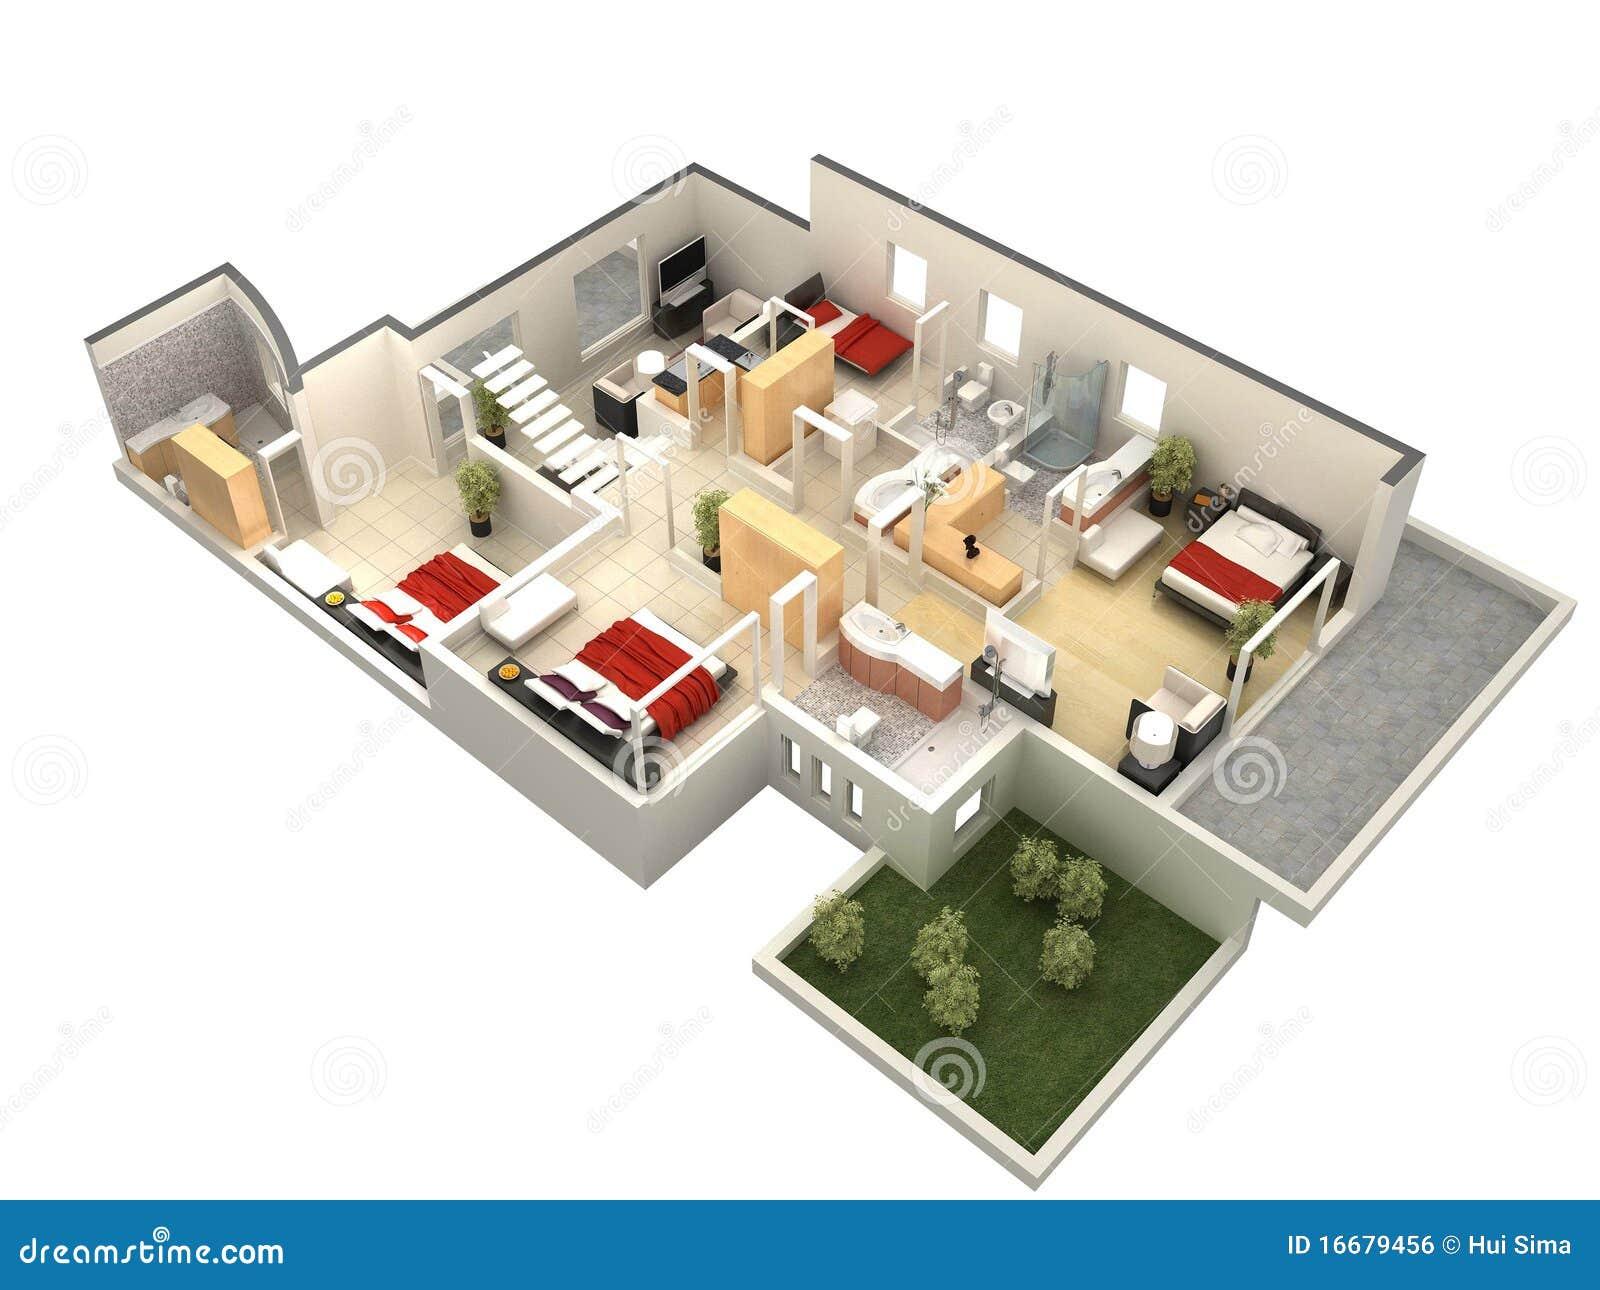 Plan maison moderne 3d faceto.net.com , rouvez les meilleures .